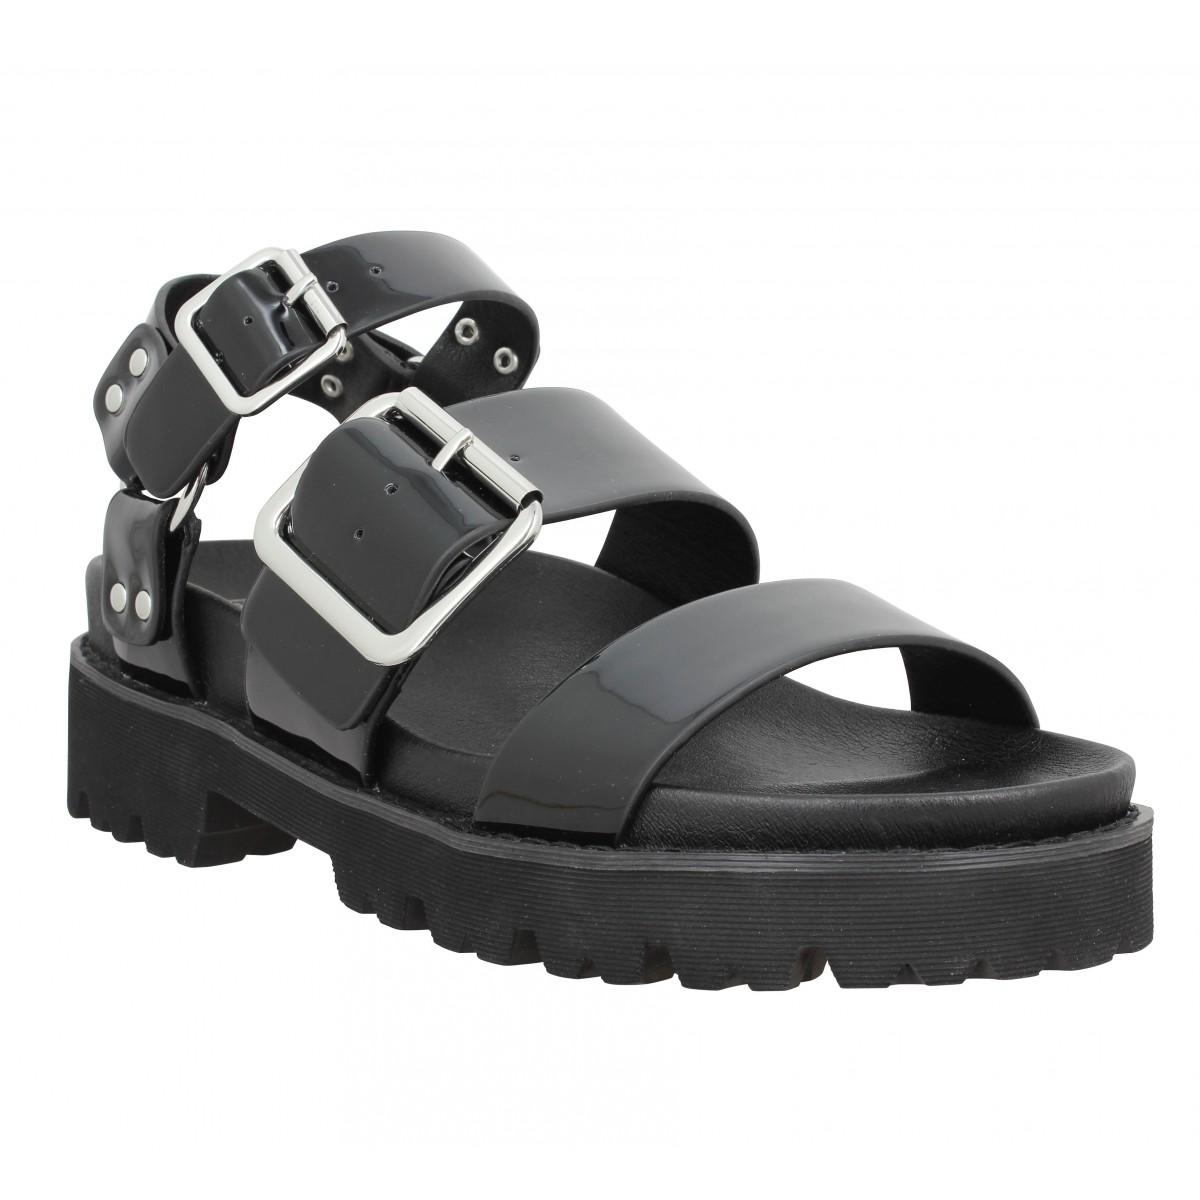 Nu-pieds NO NAME June Ankle patent Femme Noir